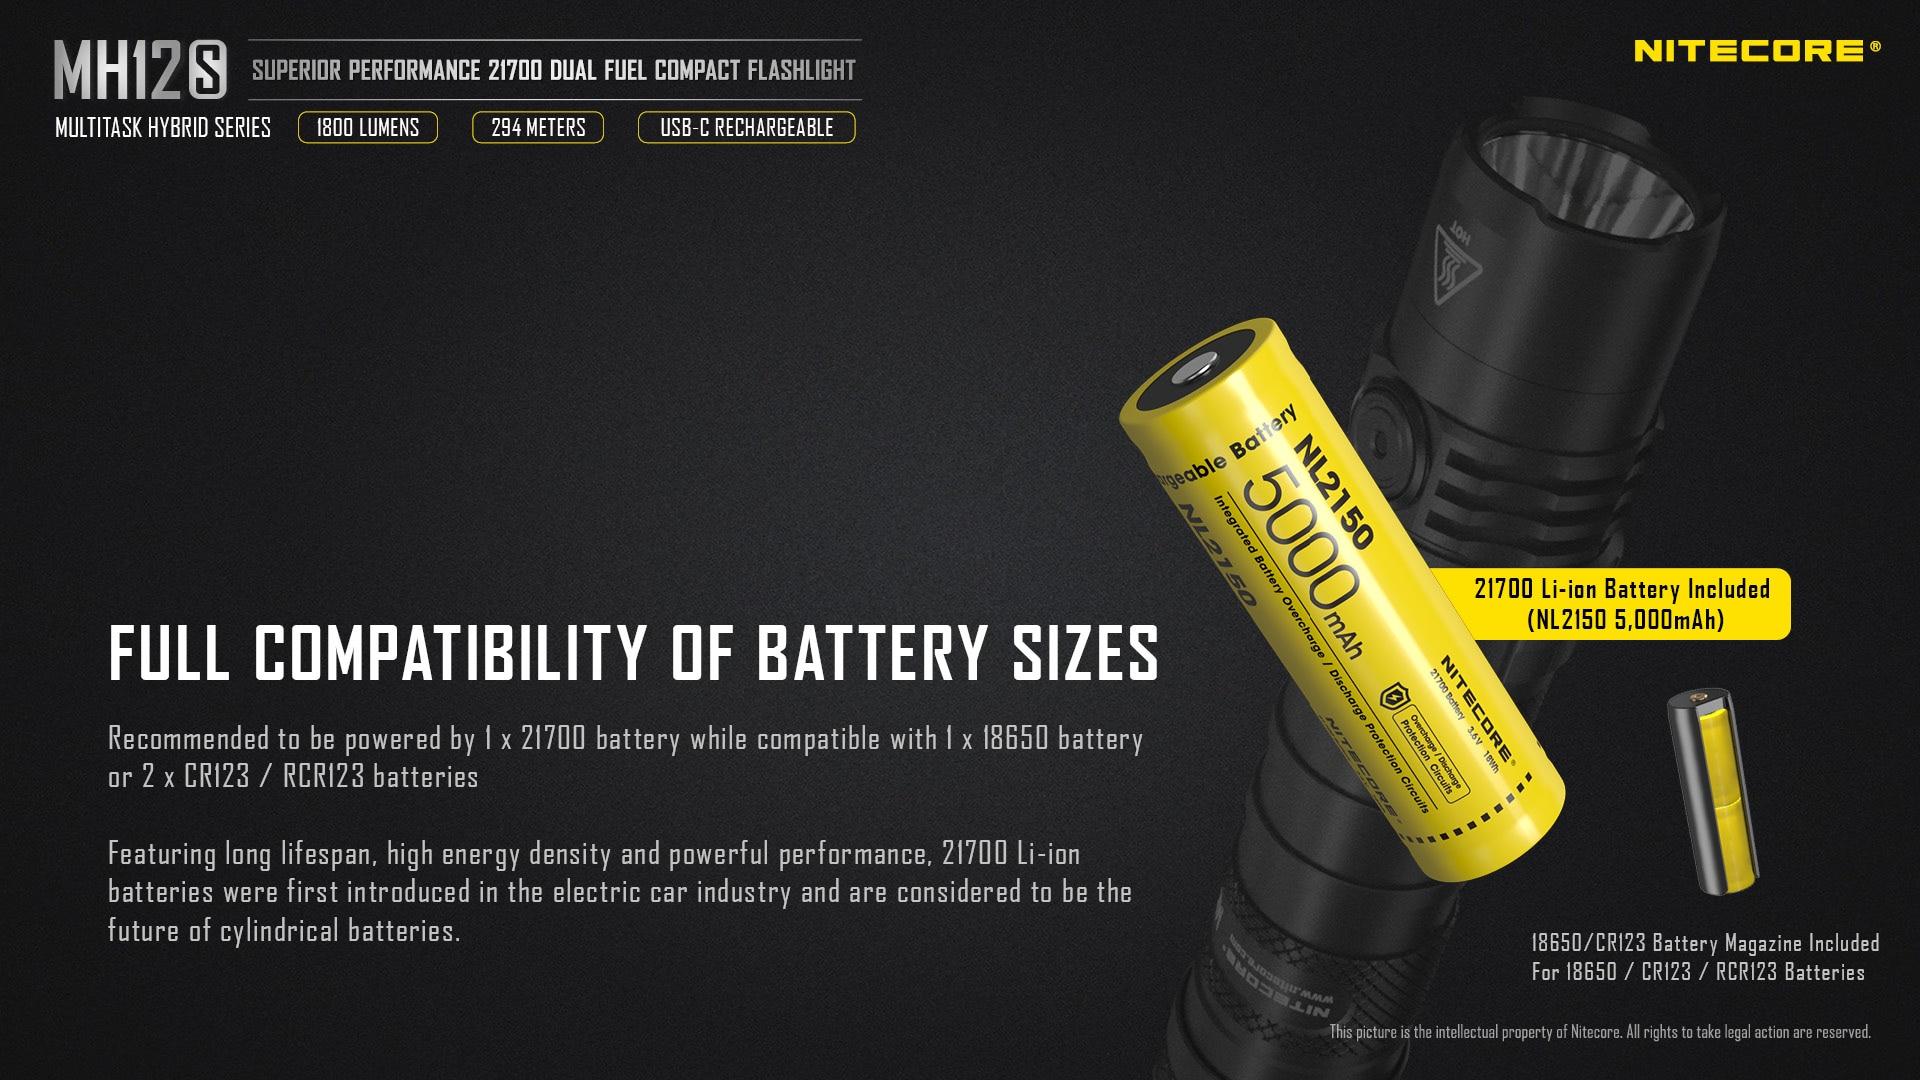 brilhante com 5000mah bateria ultra light fot iluminação ao ar livre